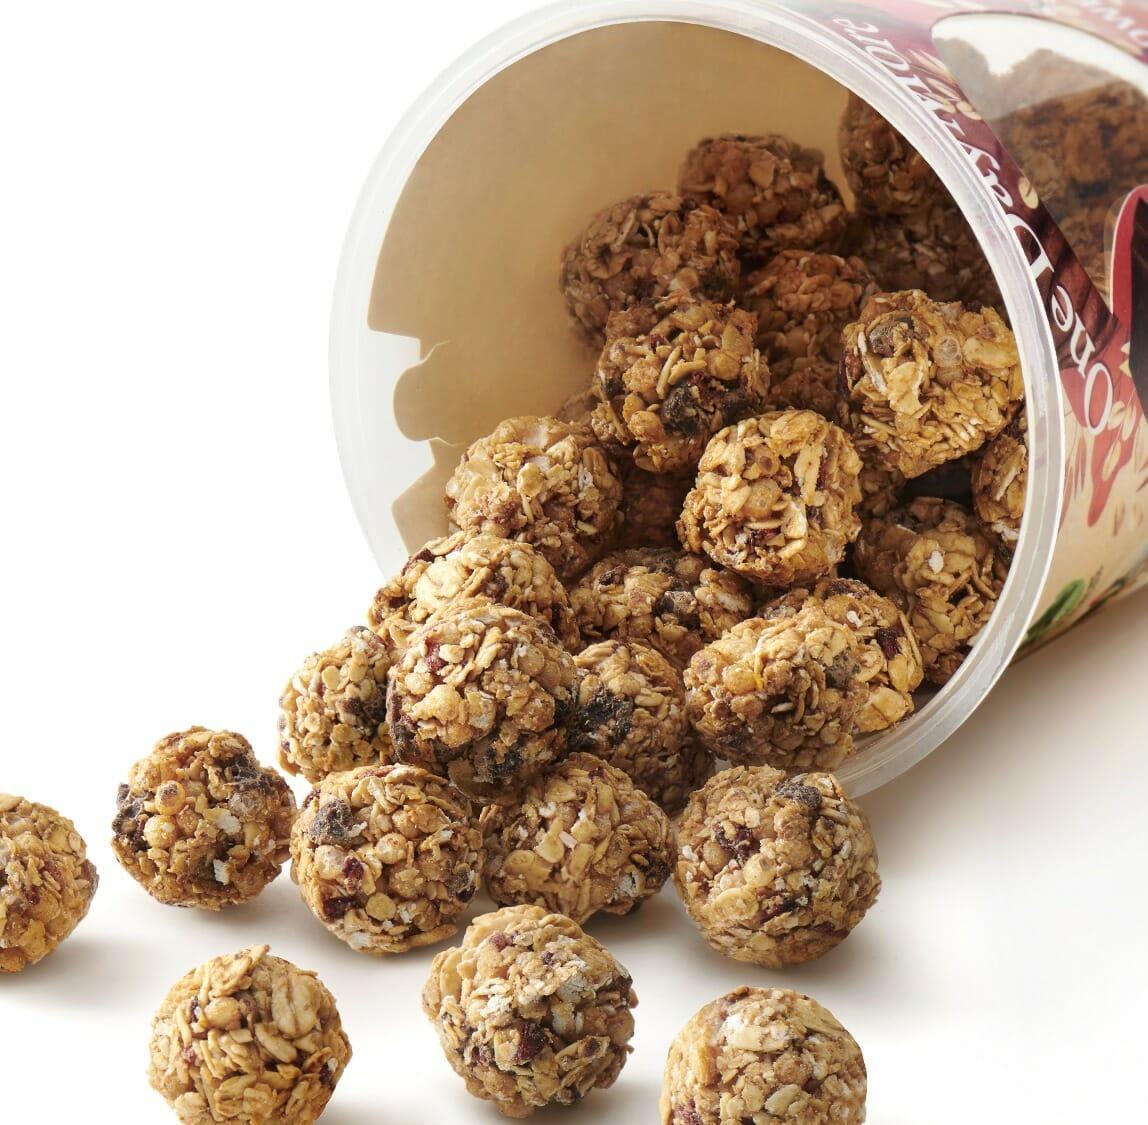 kulki-zbozowe-z-gorzka-czekolada-i-liofilizowanymi-malinami-rozsypanka-onedaymore-1400×1291